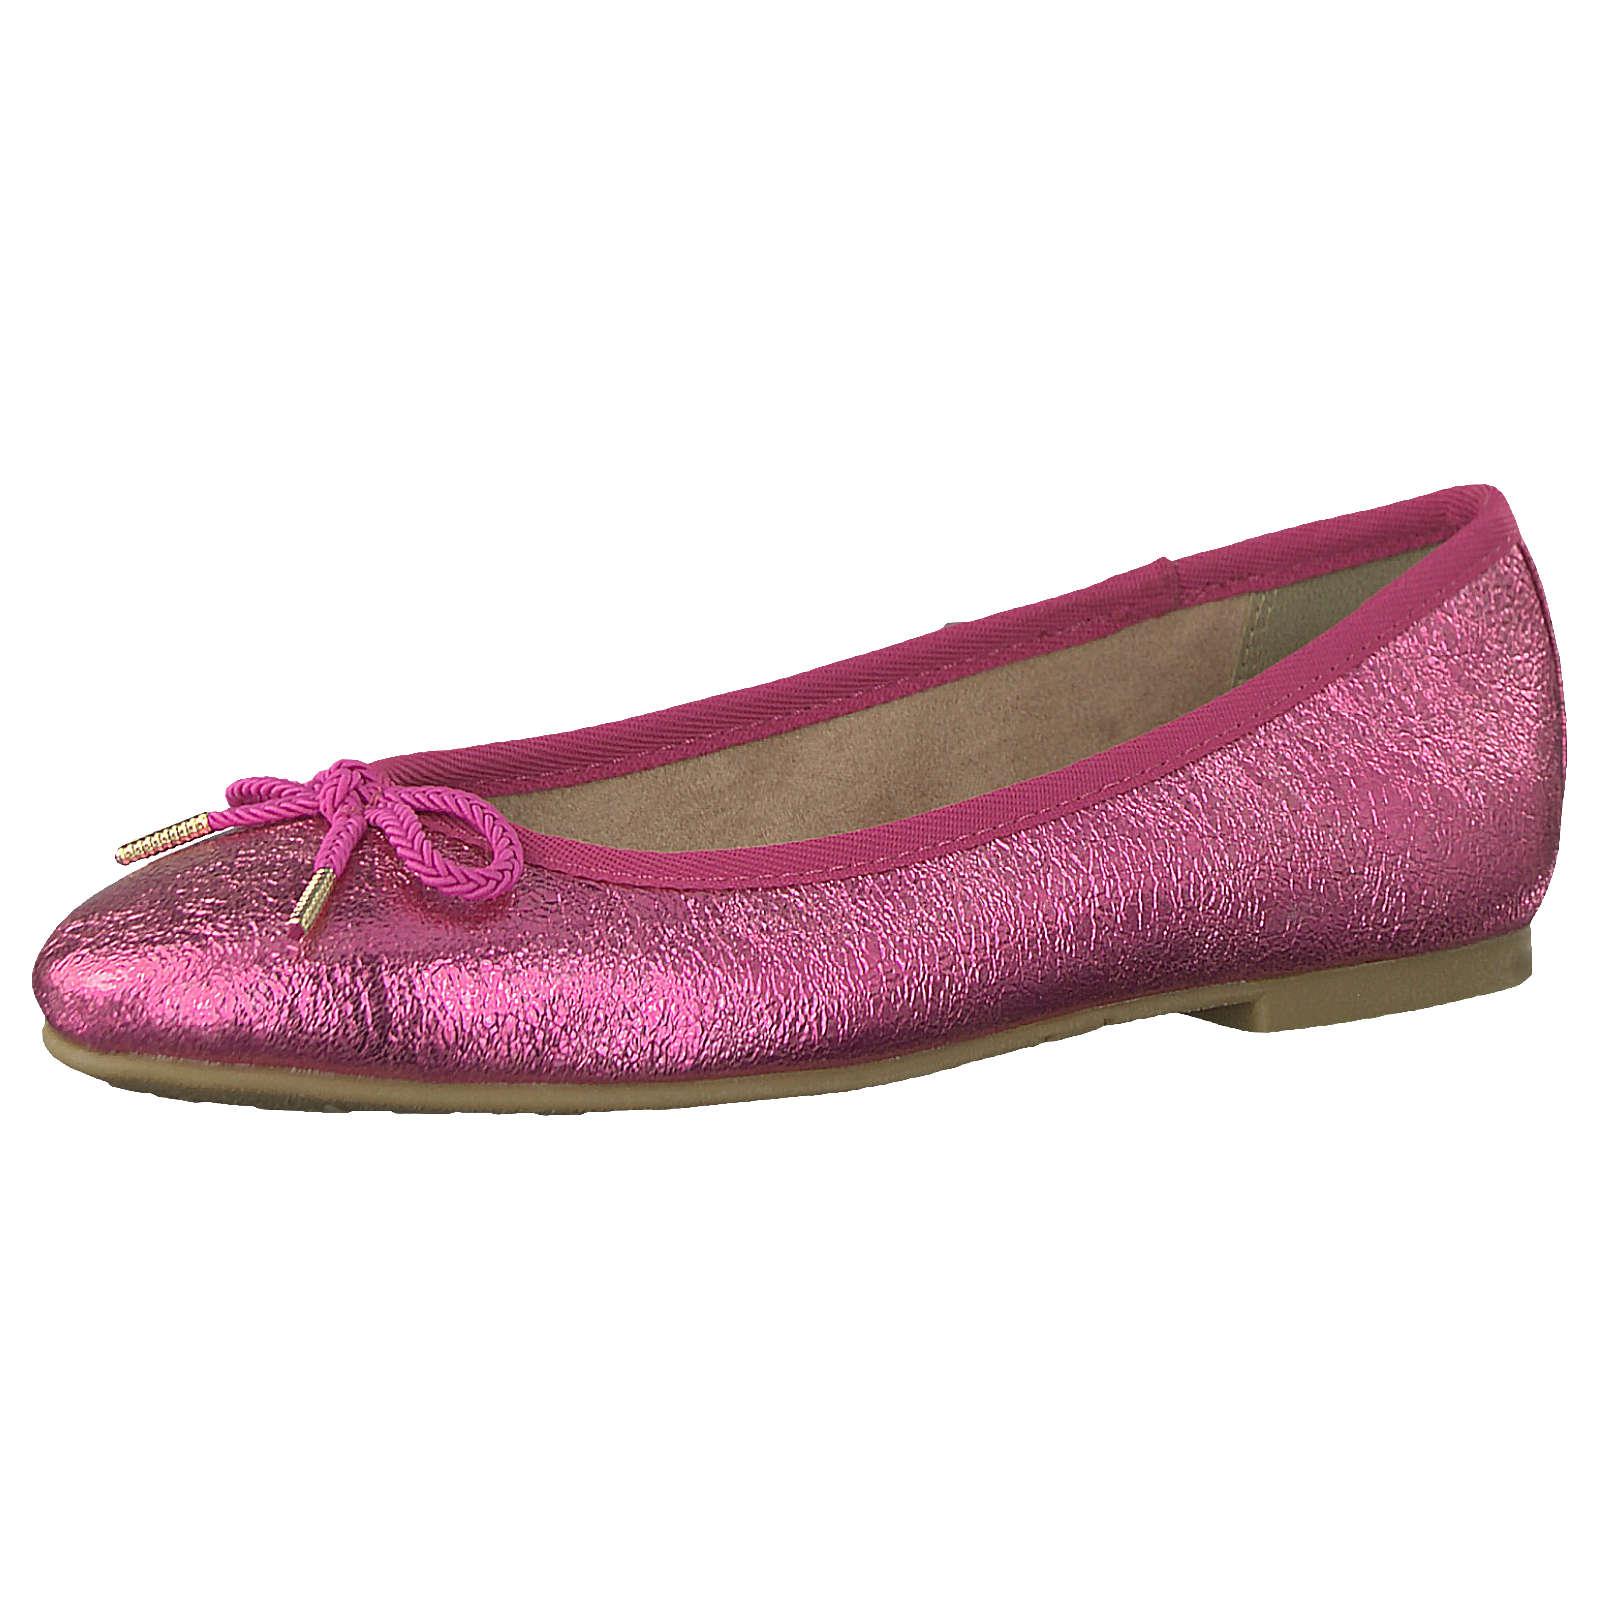 Tamaris Klassische Ballerinas pink Damen Gr. 39